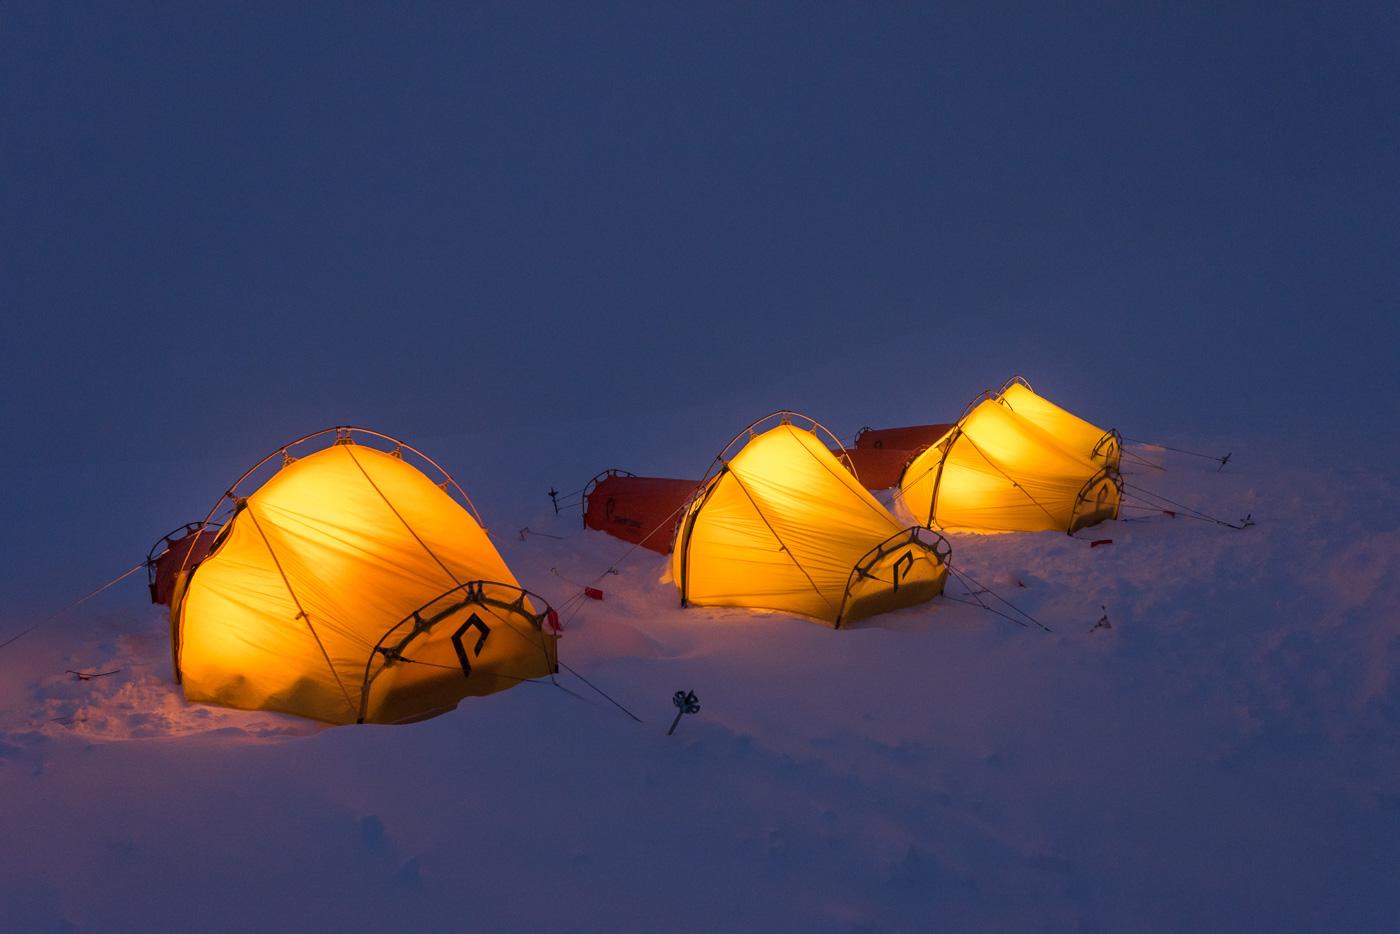 Zeltlager beim eindunkeln